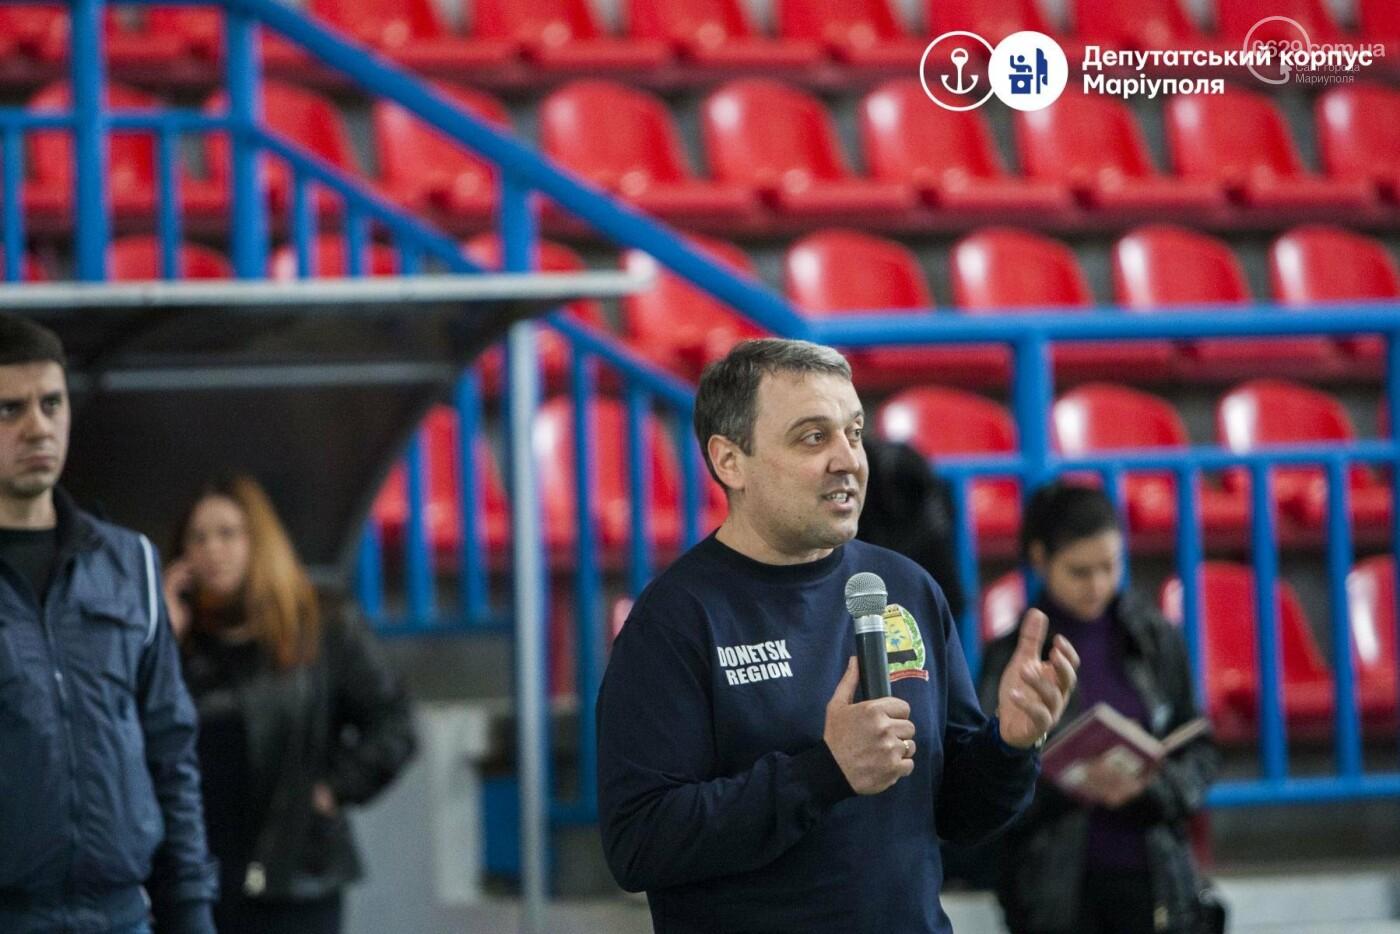 В Мариуполь съехались депутаты, чтобы поиграть в футбол и шашки (ФОТО+ВИДЕО), фото-1